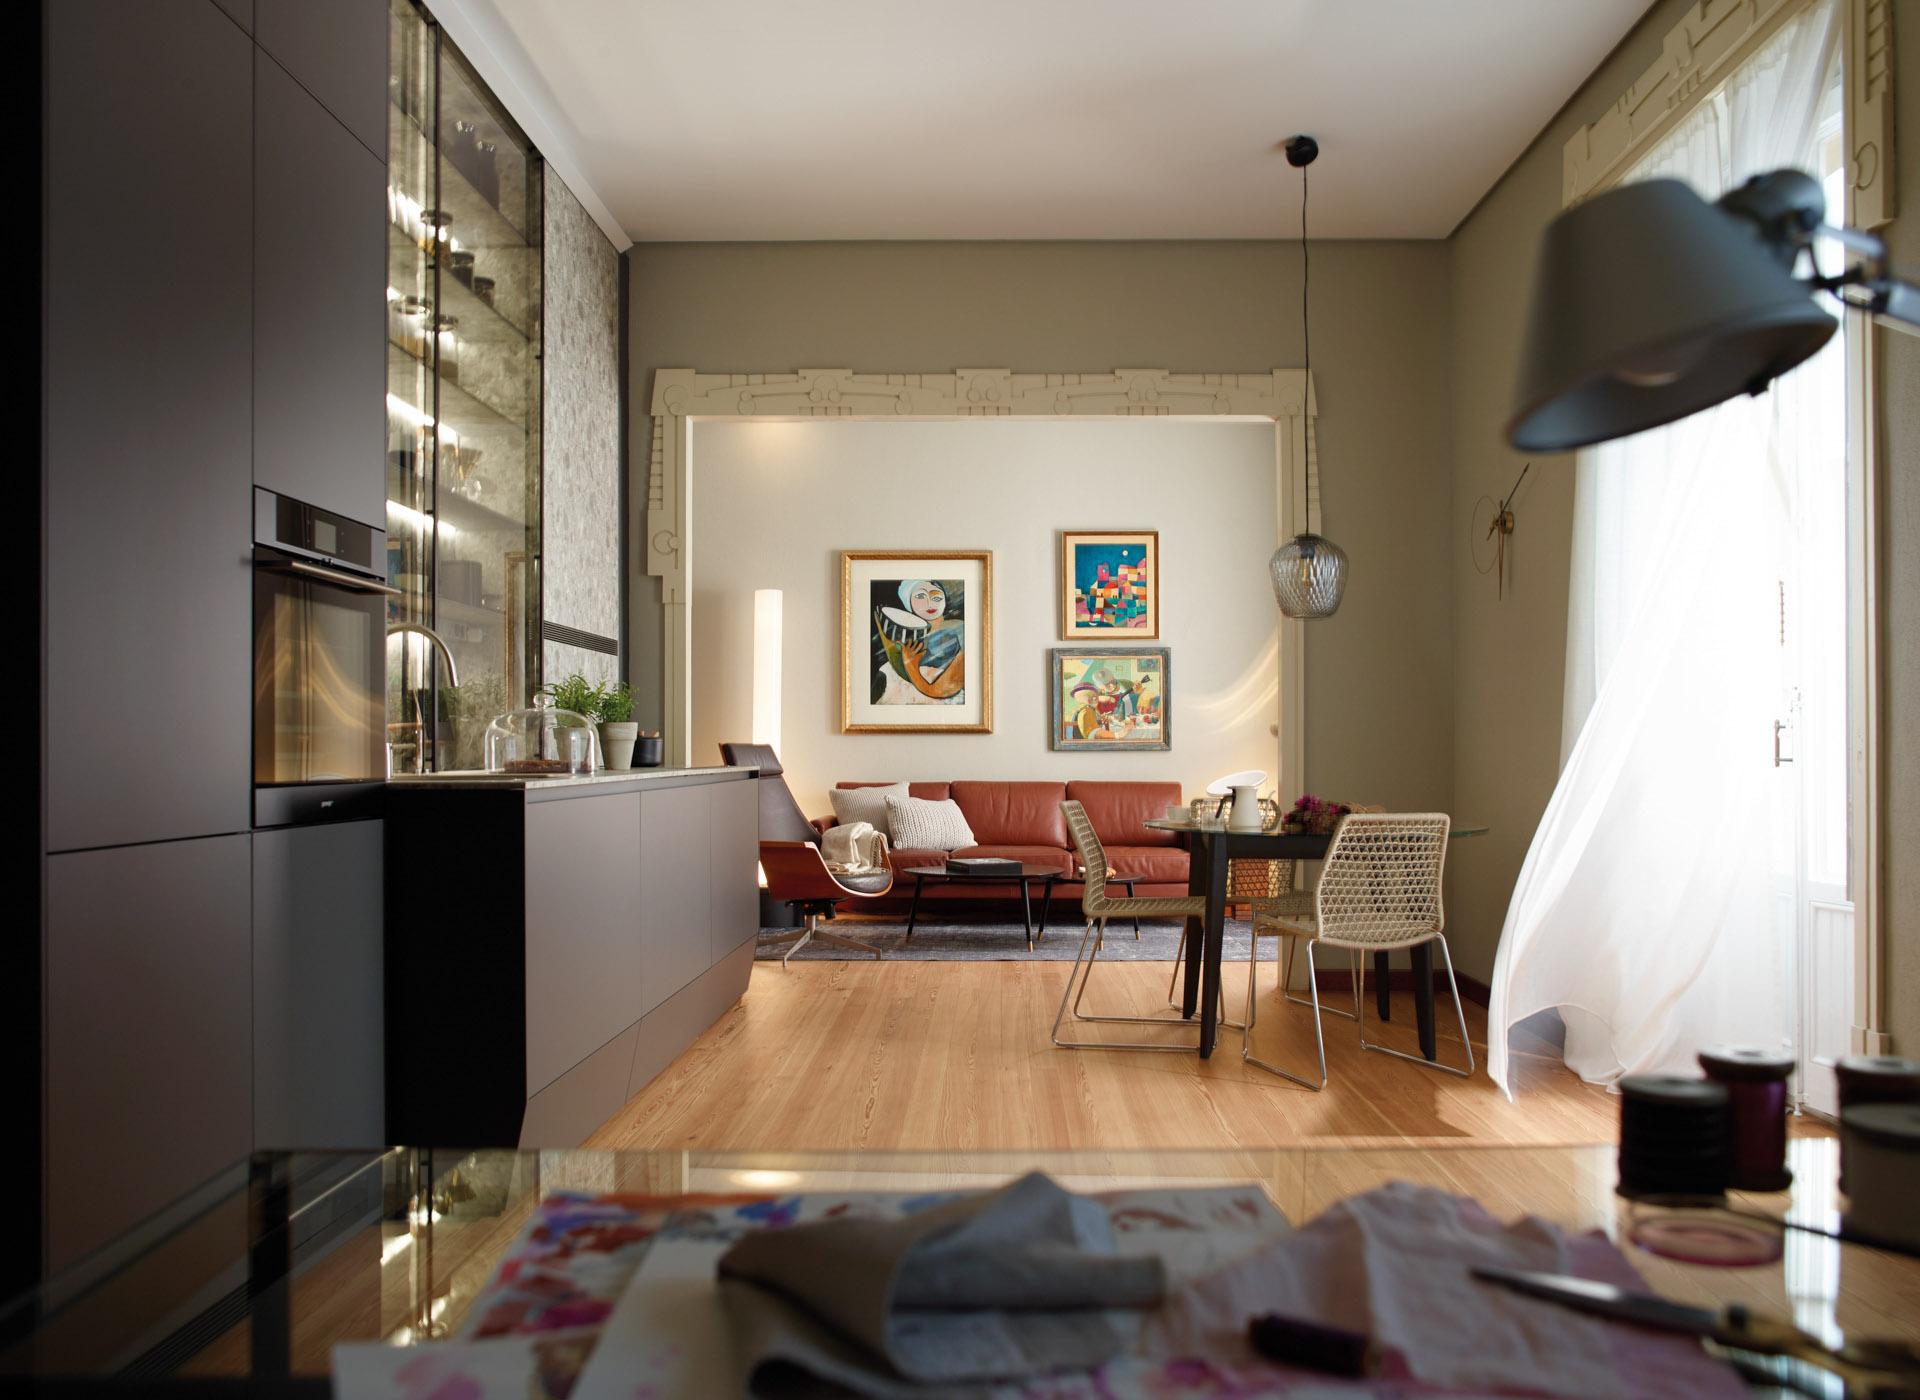 Cocina lineal con muebles de suelo a techo